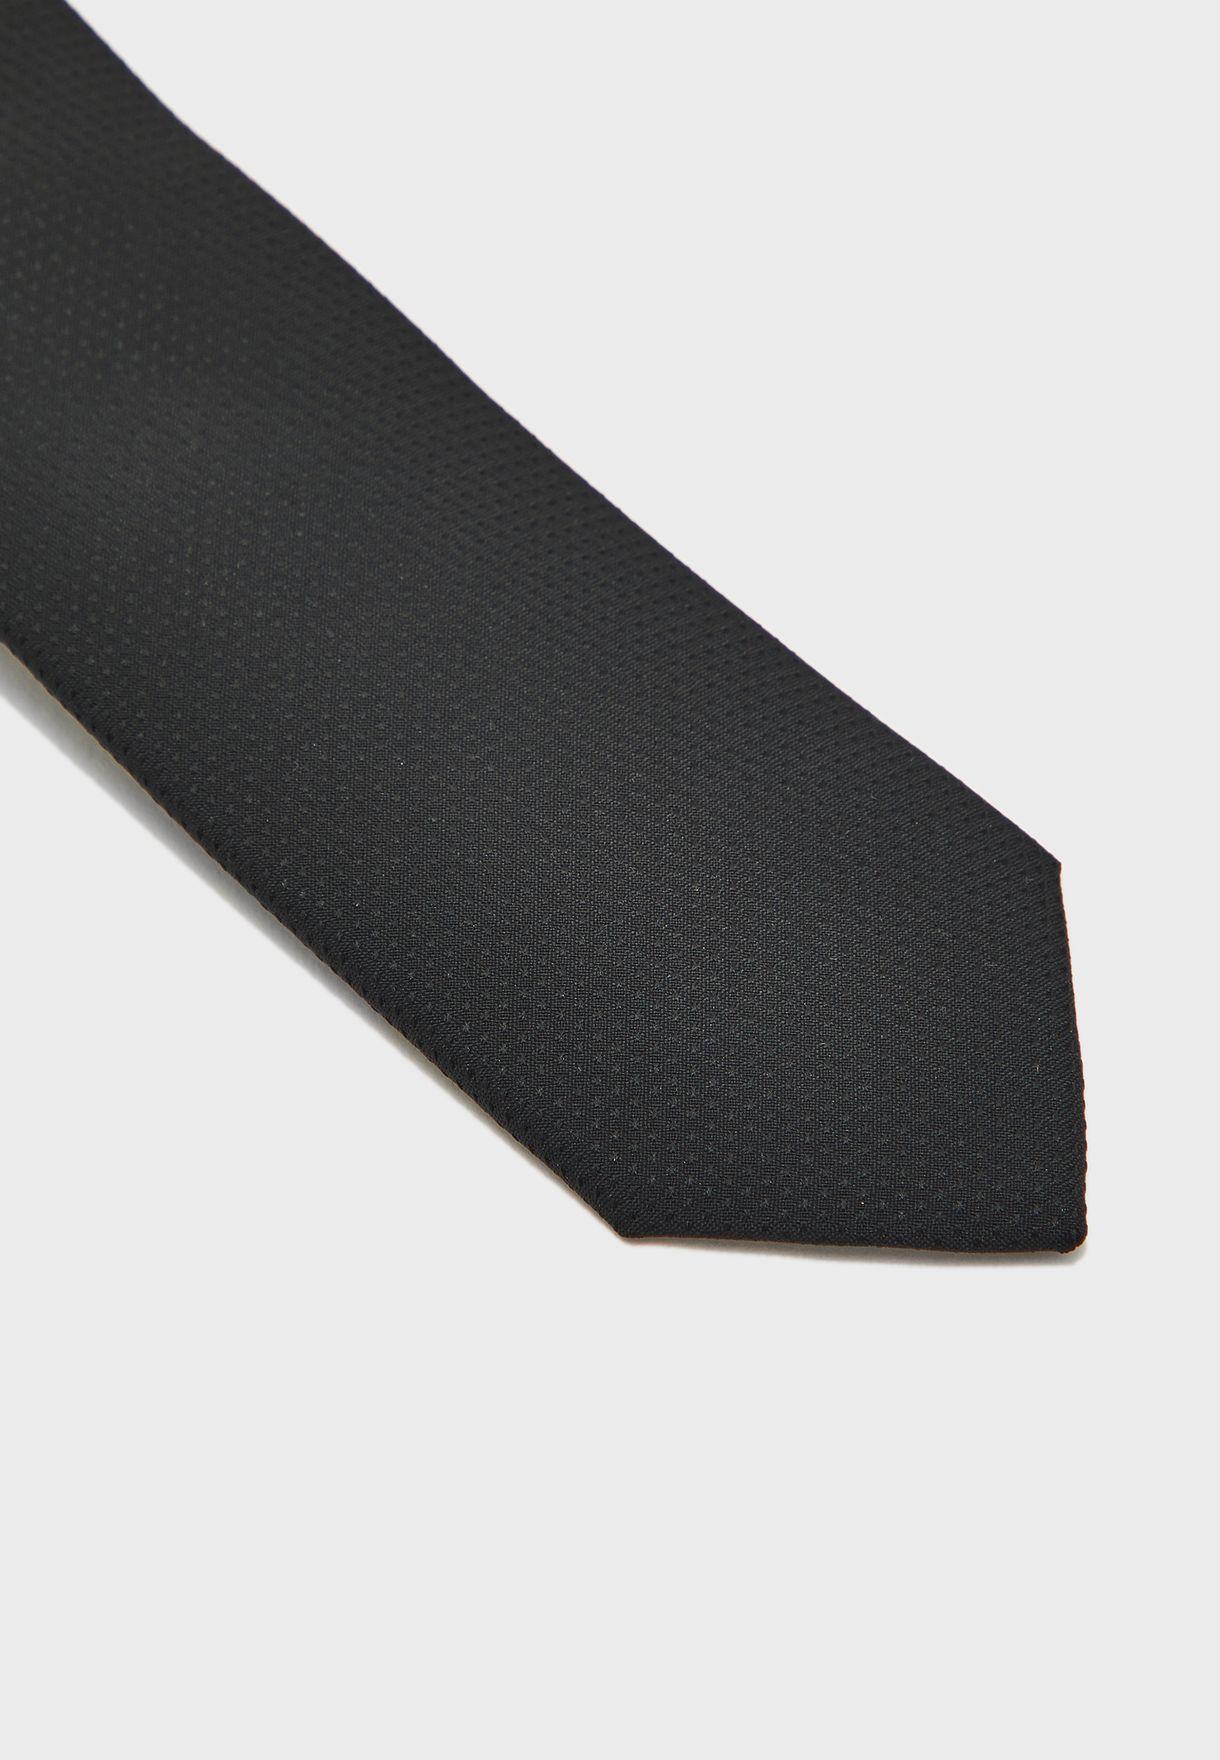 ربطة عنق انيقة